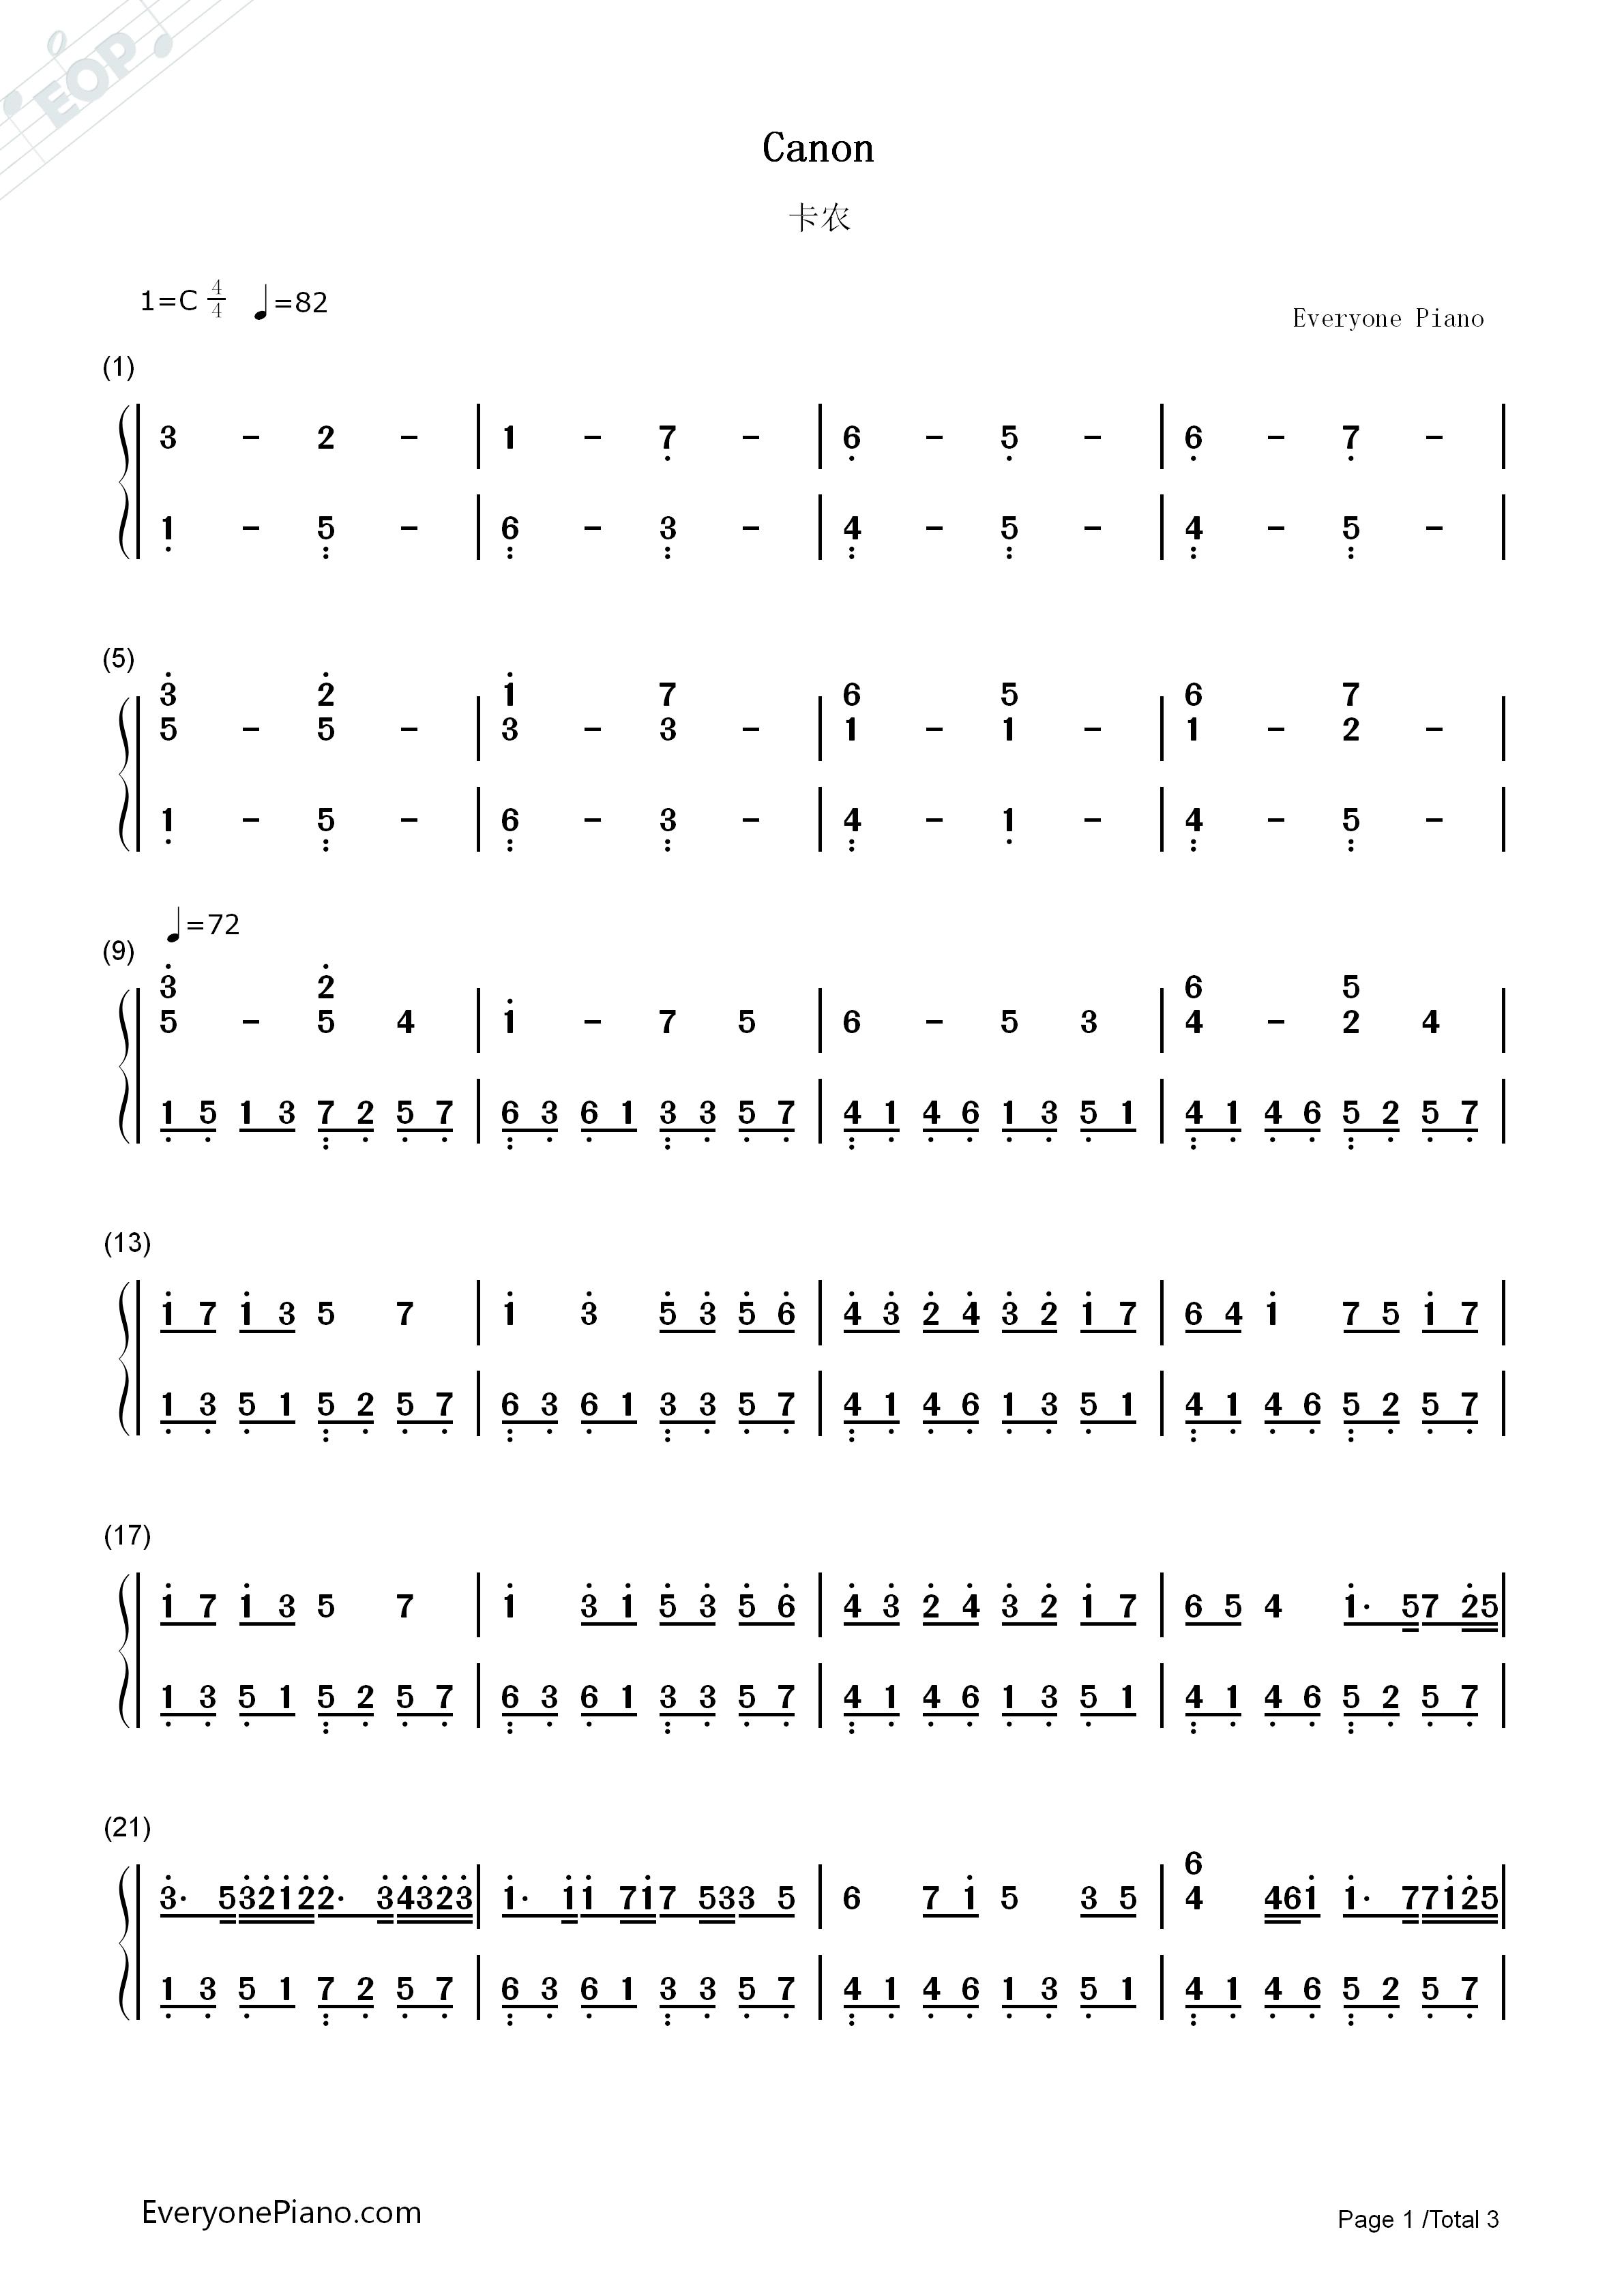 卡农-canon双手简谱预览1-钢琴谱文件(五线谱,双手,谱